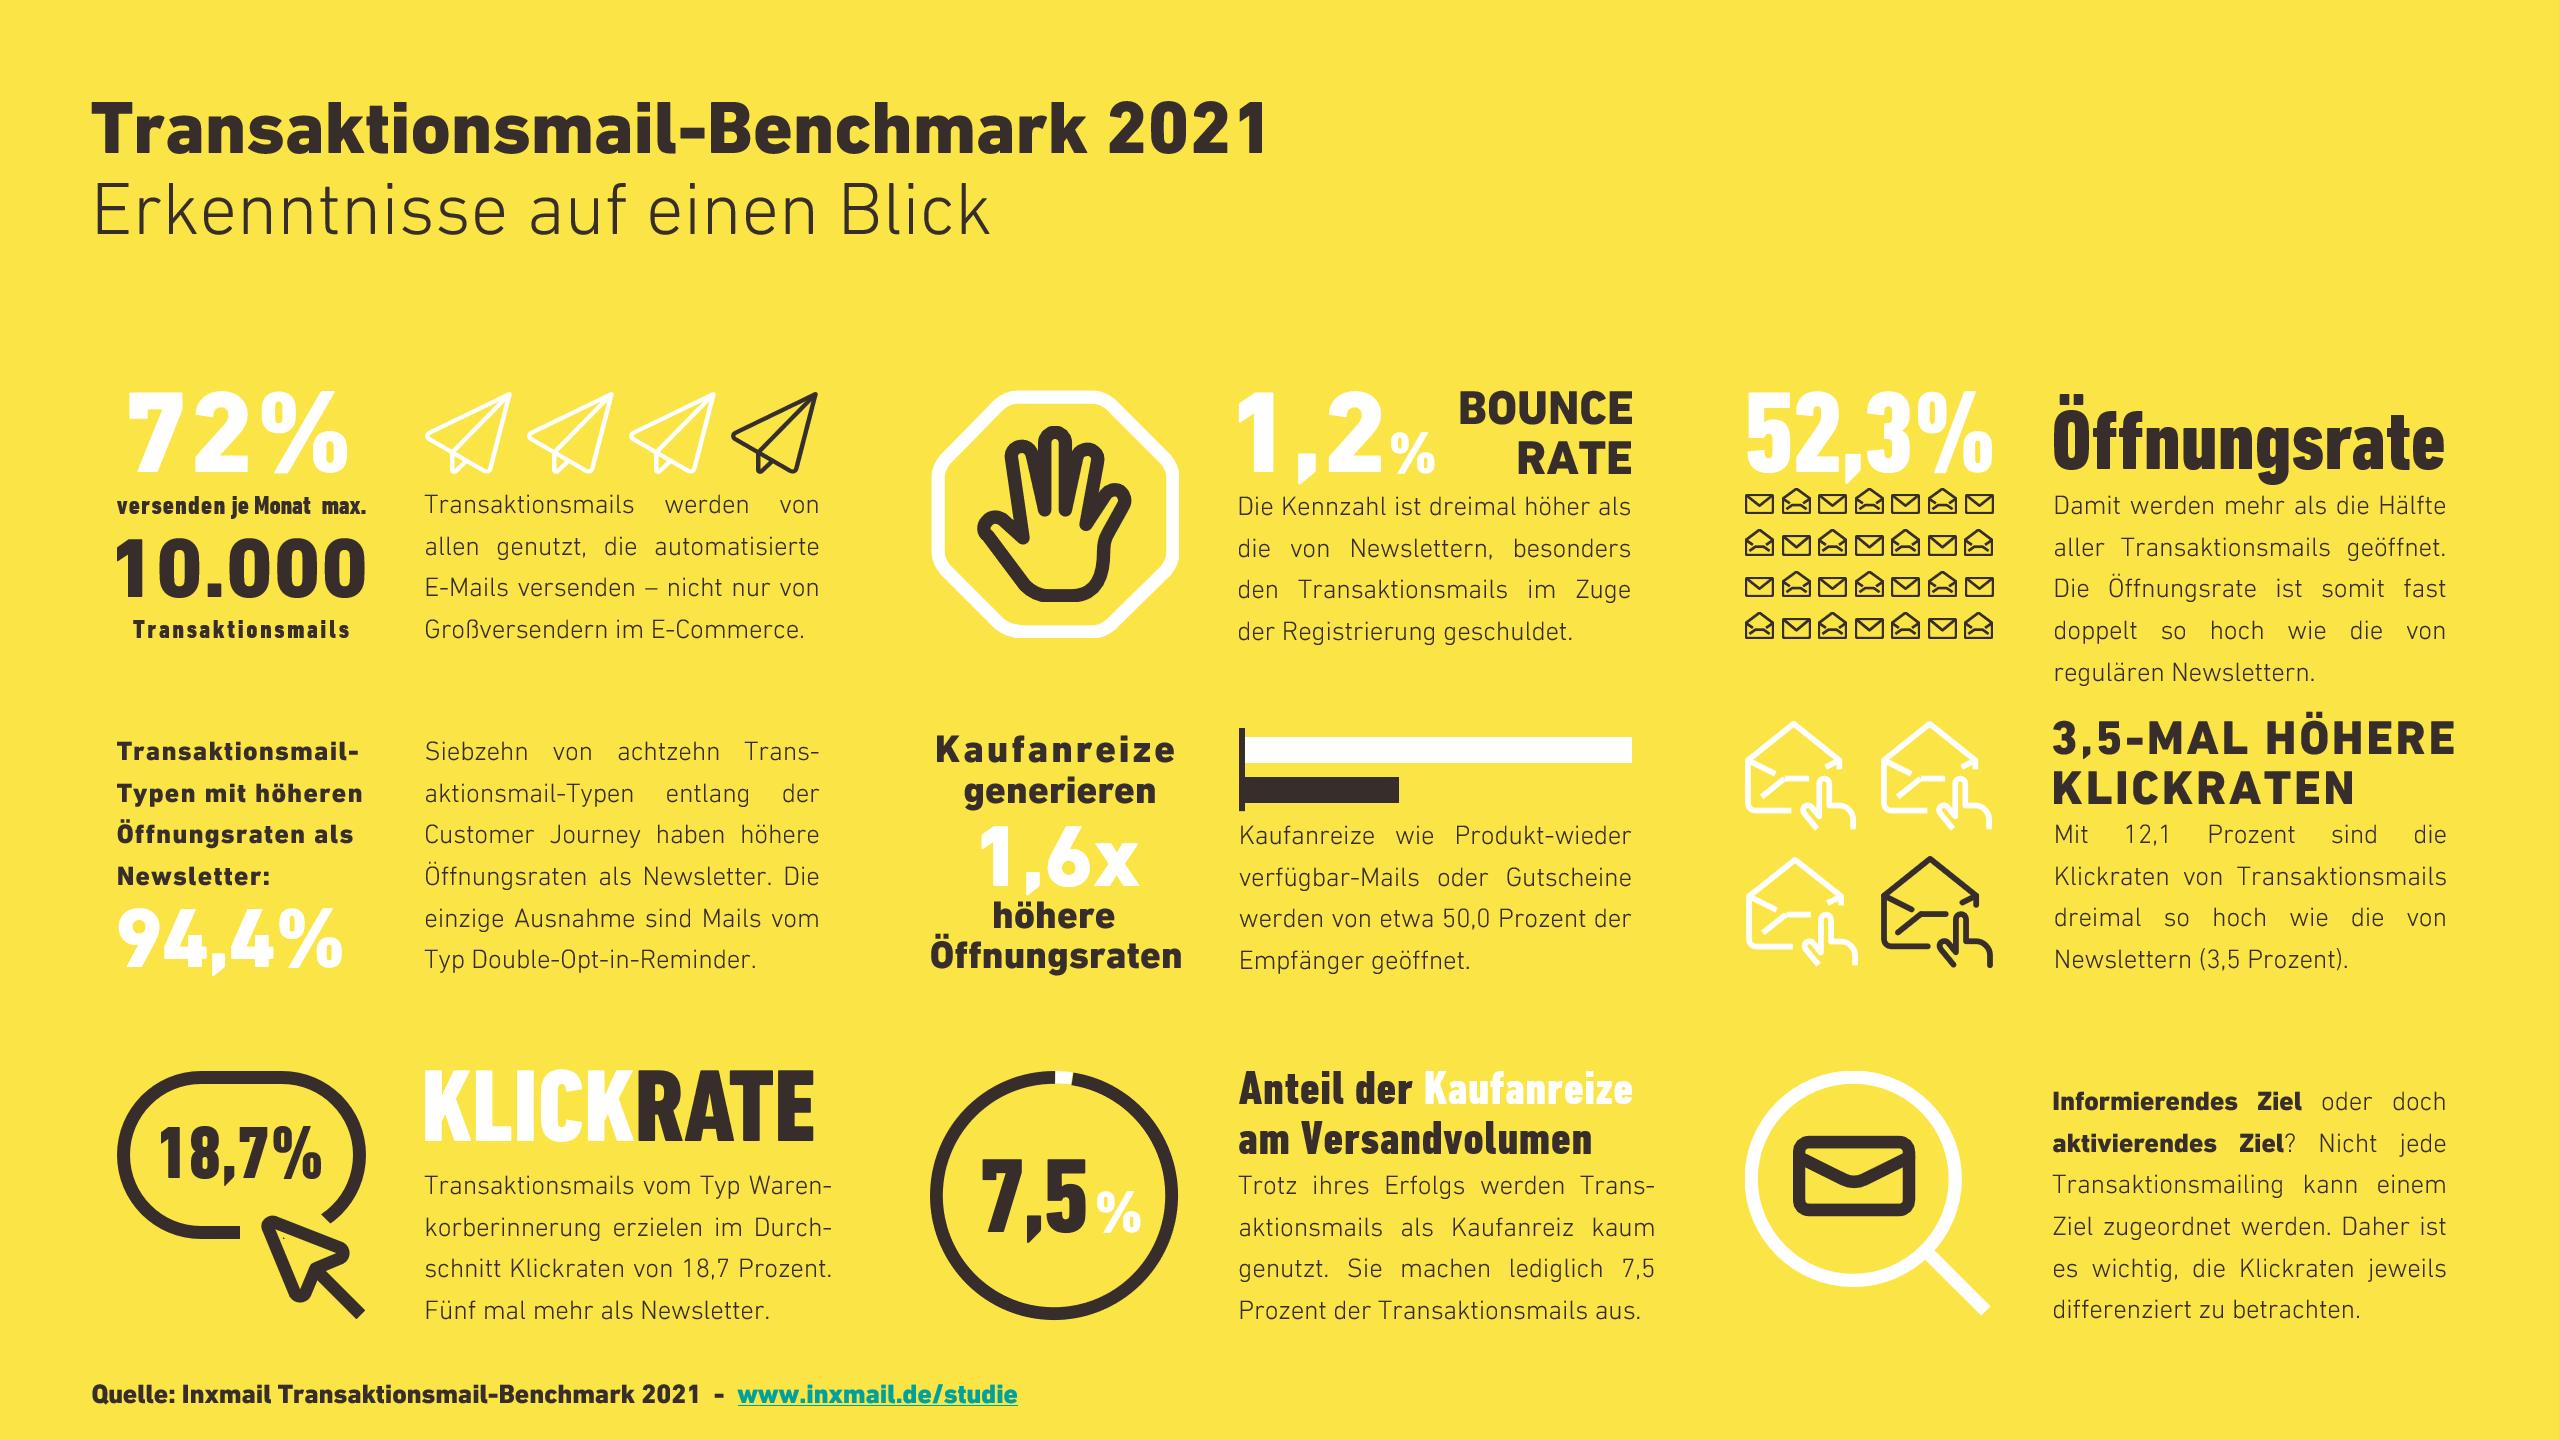 Erkenntnisse des Inxmail Transaktionsmail-Benchmark 2021